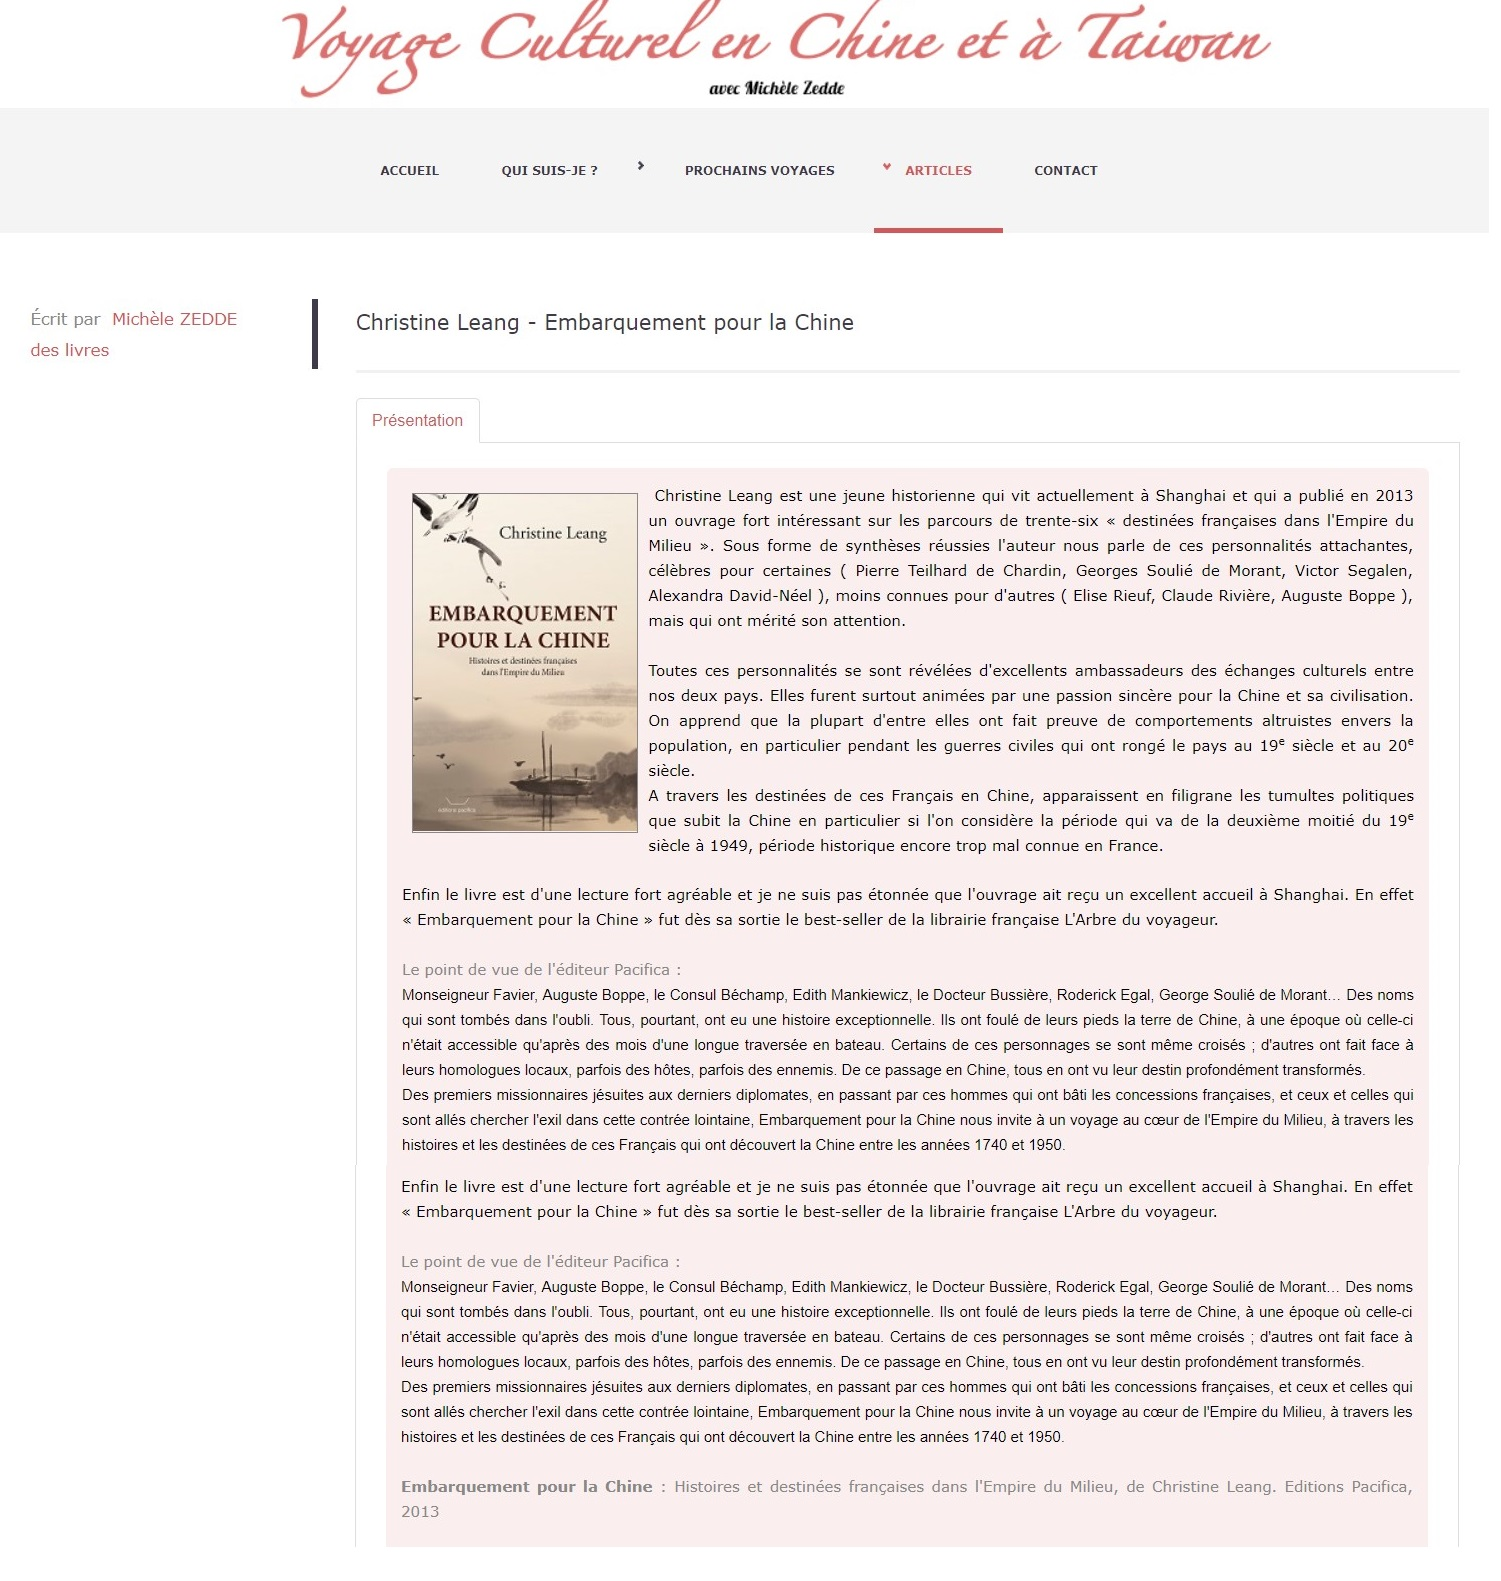 Voyage en Chine par Michèle Zedde